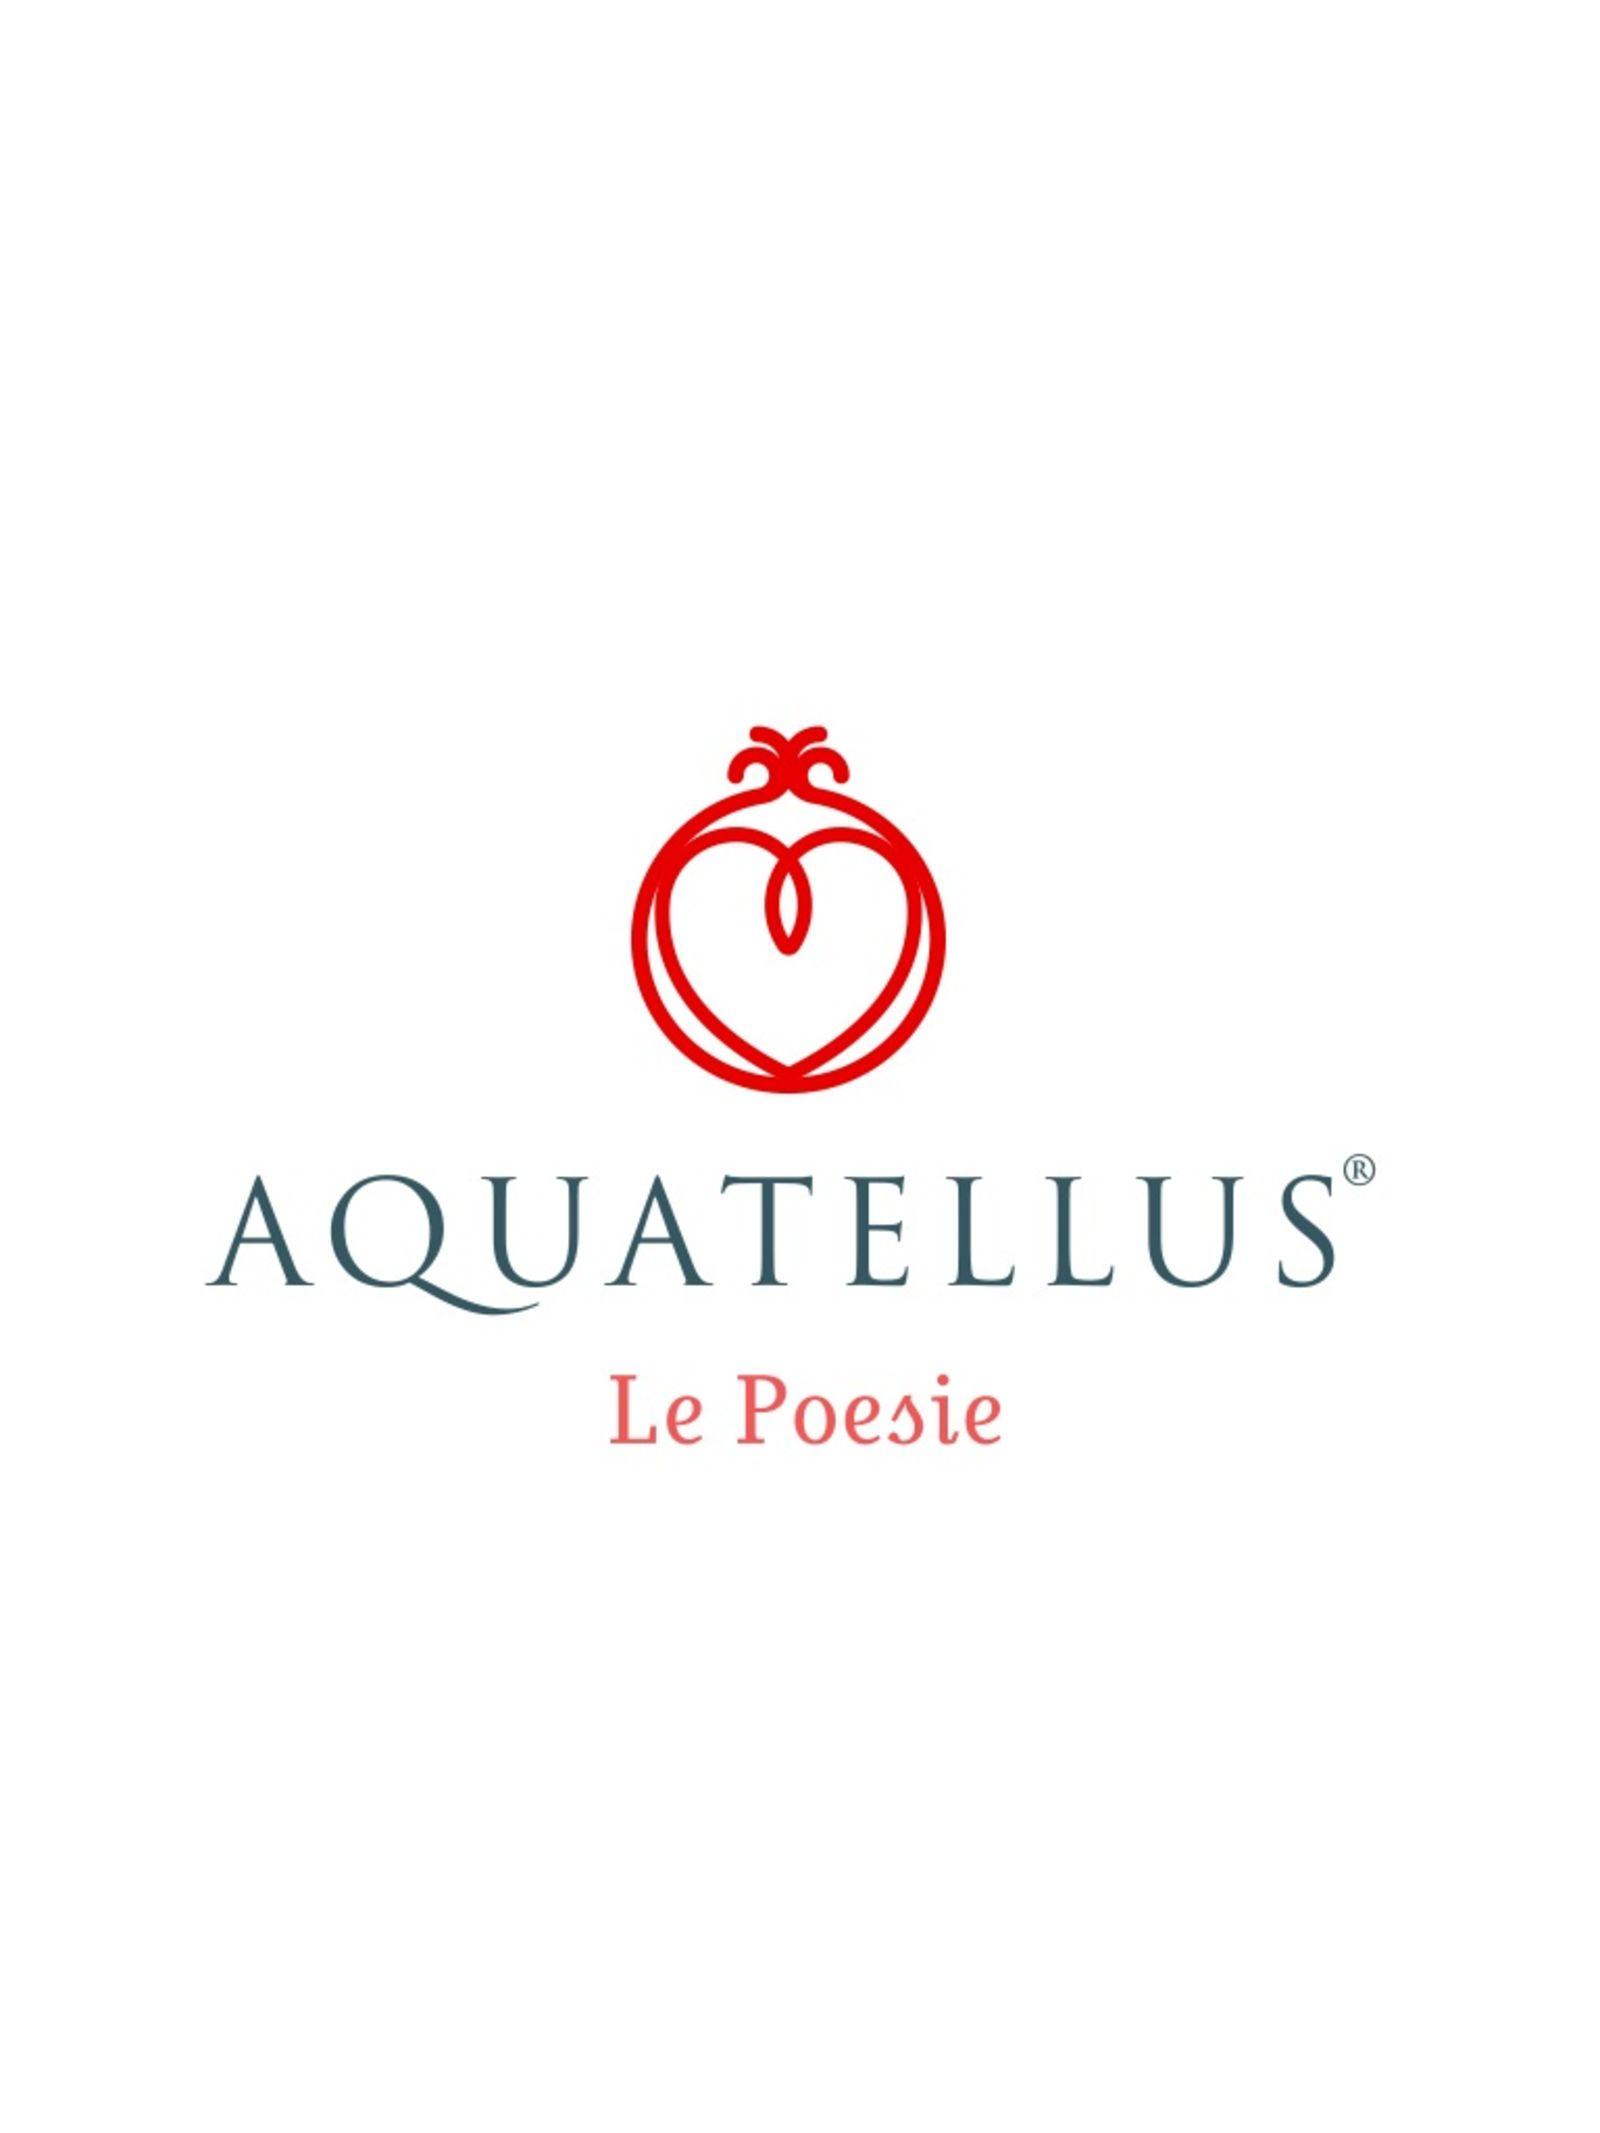 AQUATELLUS Le Poesie